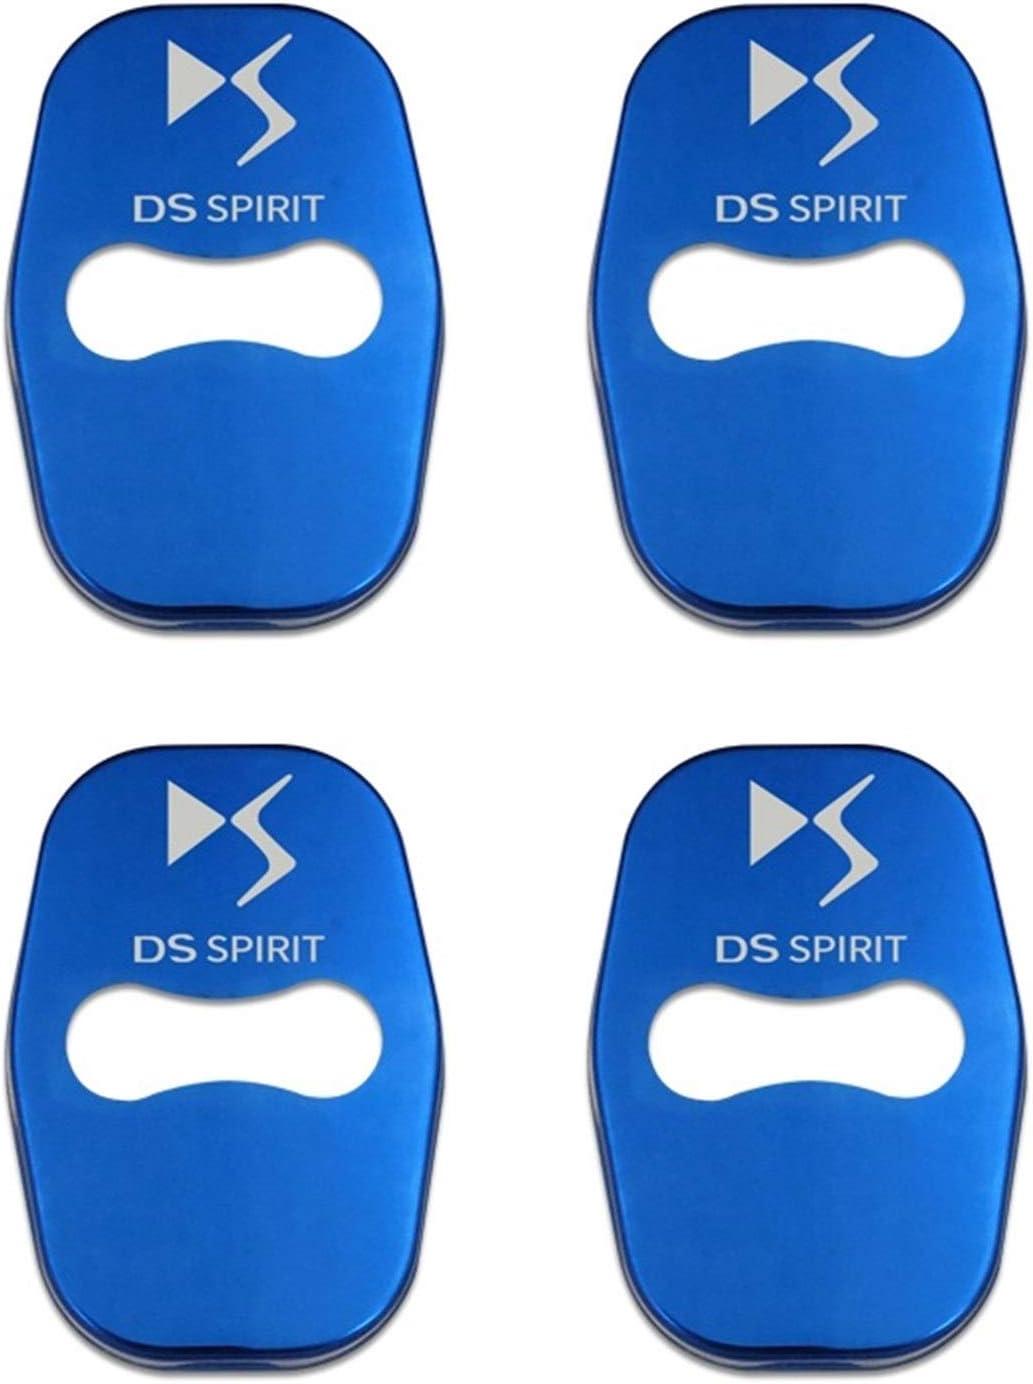 Color Name : DS Black Le couvercle de la serrure de la porte de voiture de voiture Styling automatique Embl/èmes cas for DS ESPRIT DS3 DS4 DS4 DS5 DS 5LS DS6 DS7 Accessoires